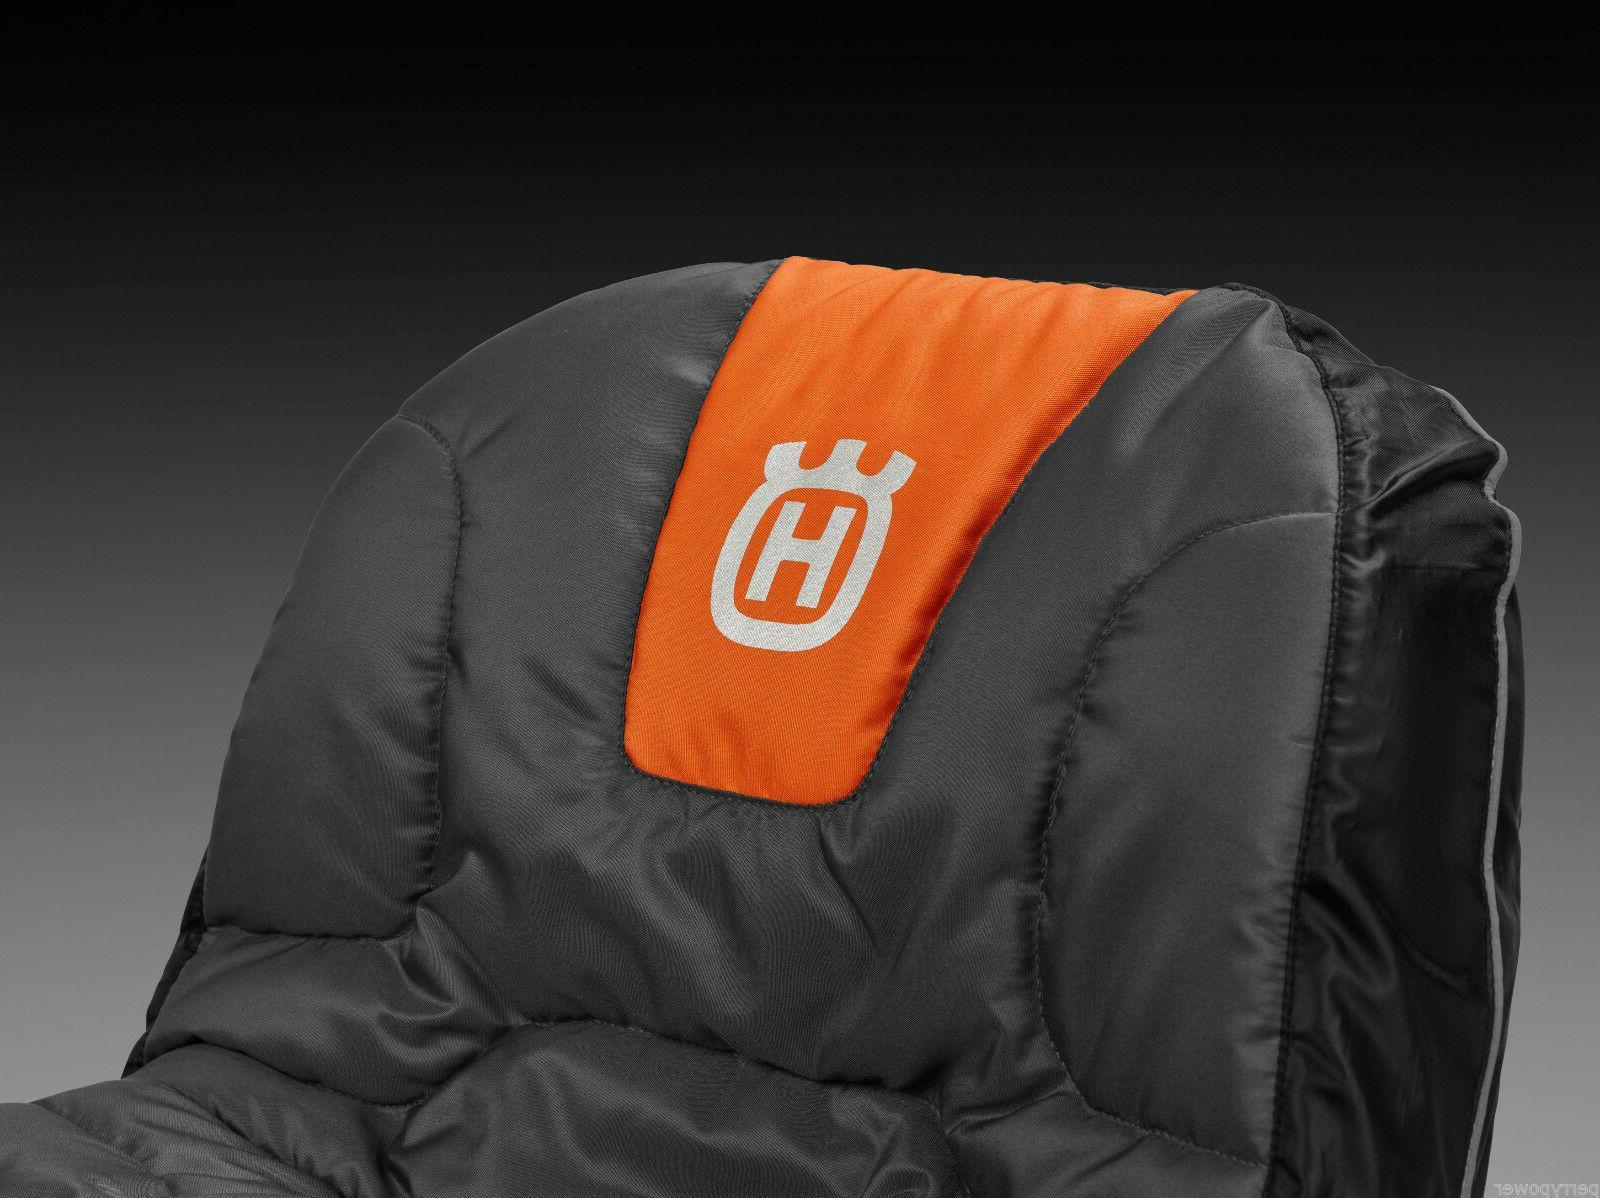 New Seat 588208701 Gear Pockets, 2 Warranty